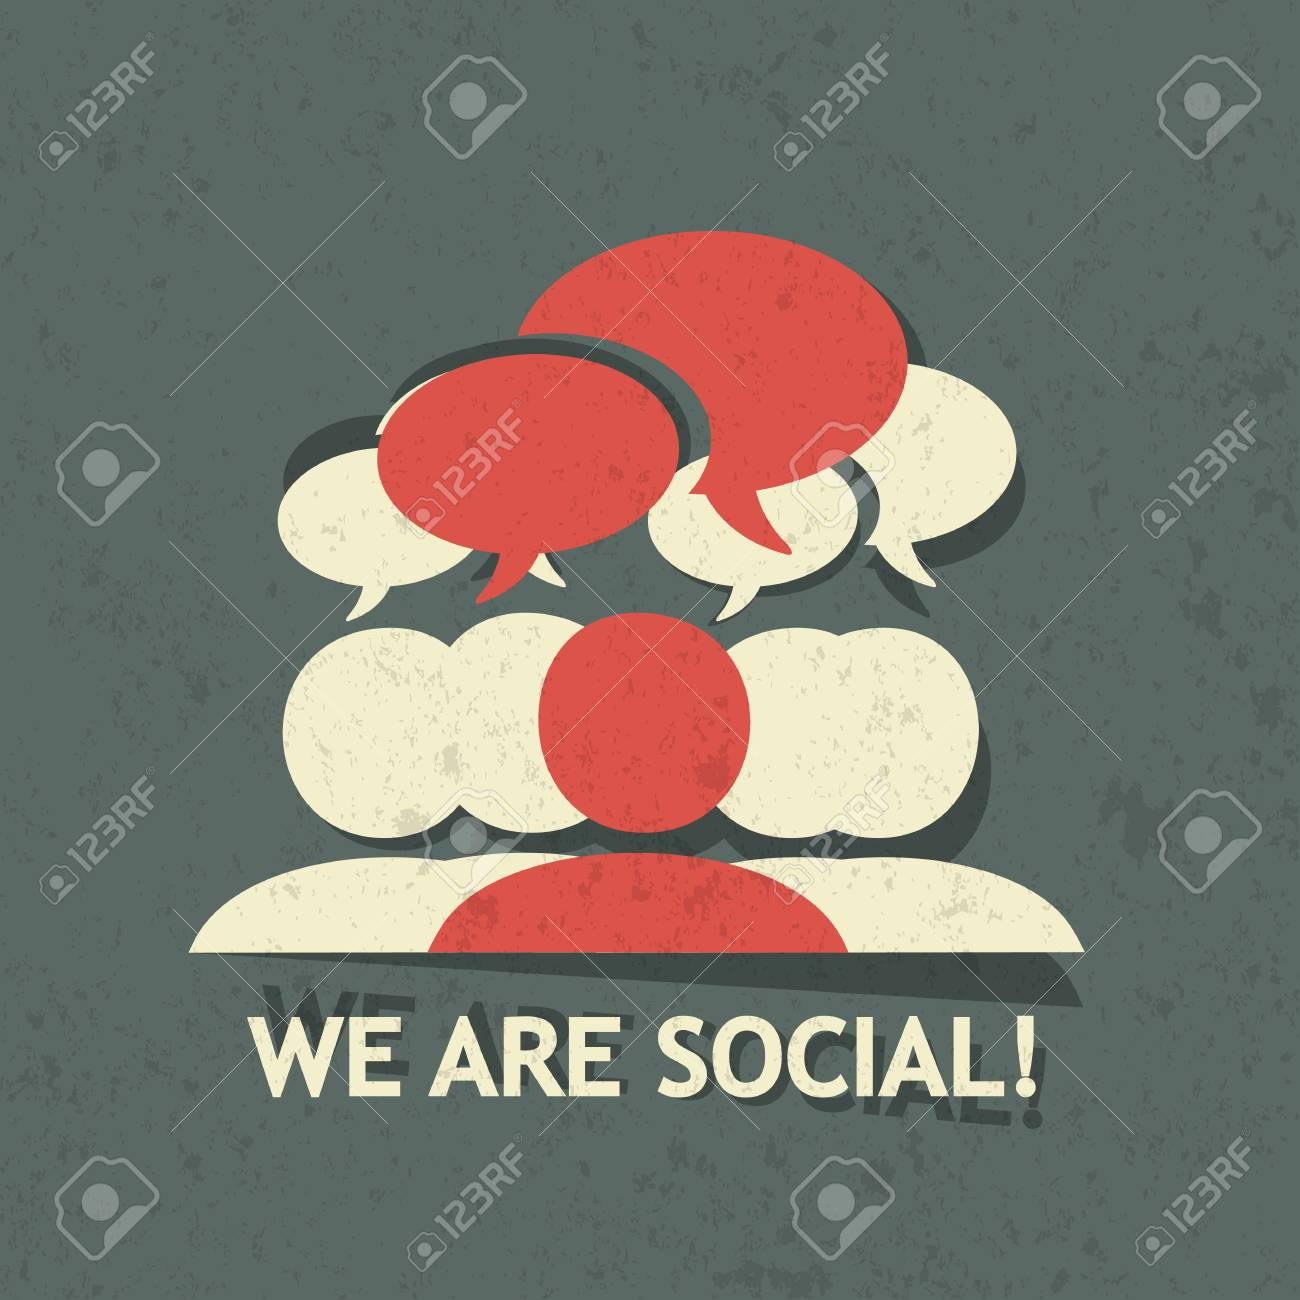 Social Group Stock Vector - 22748770